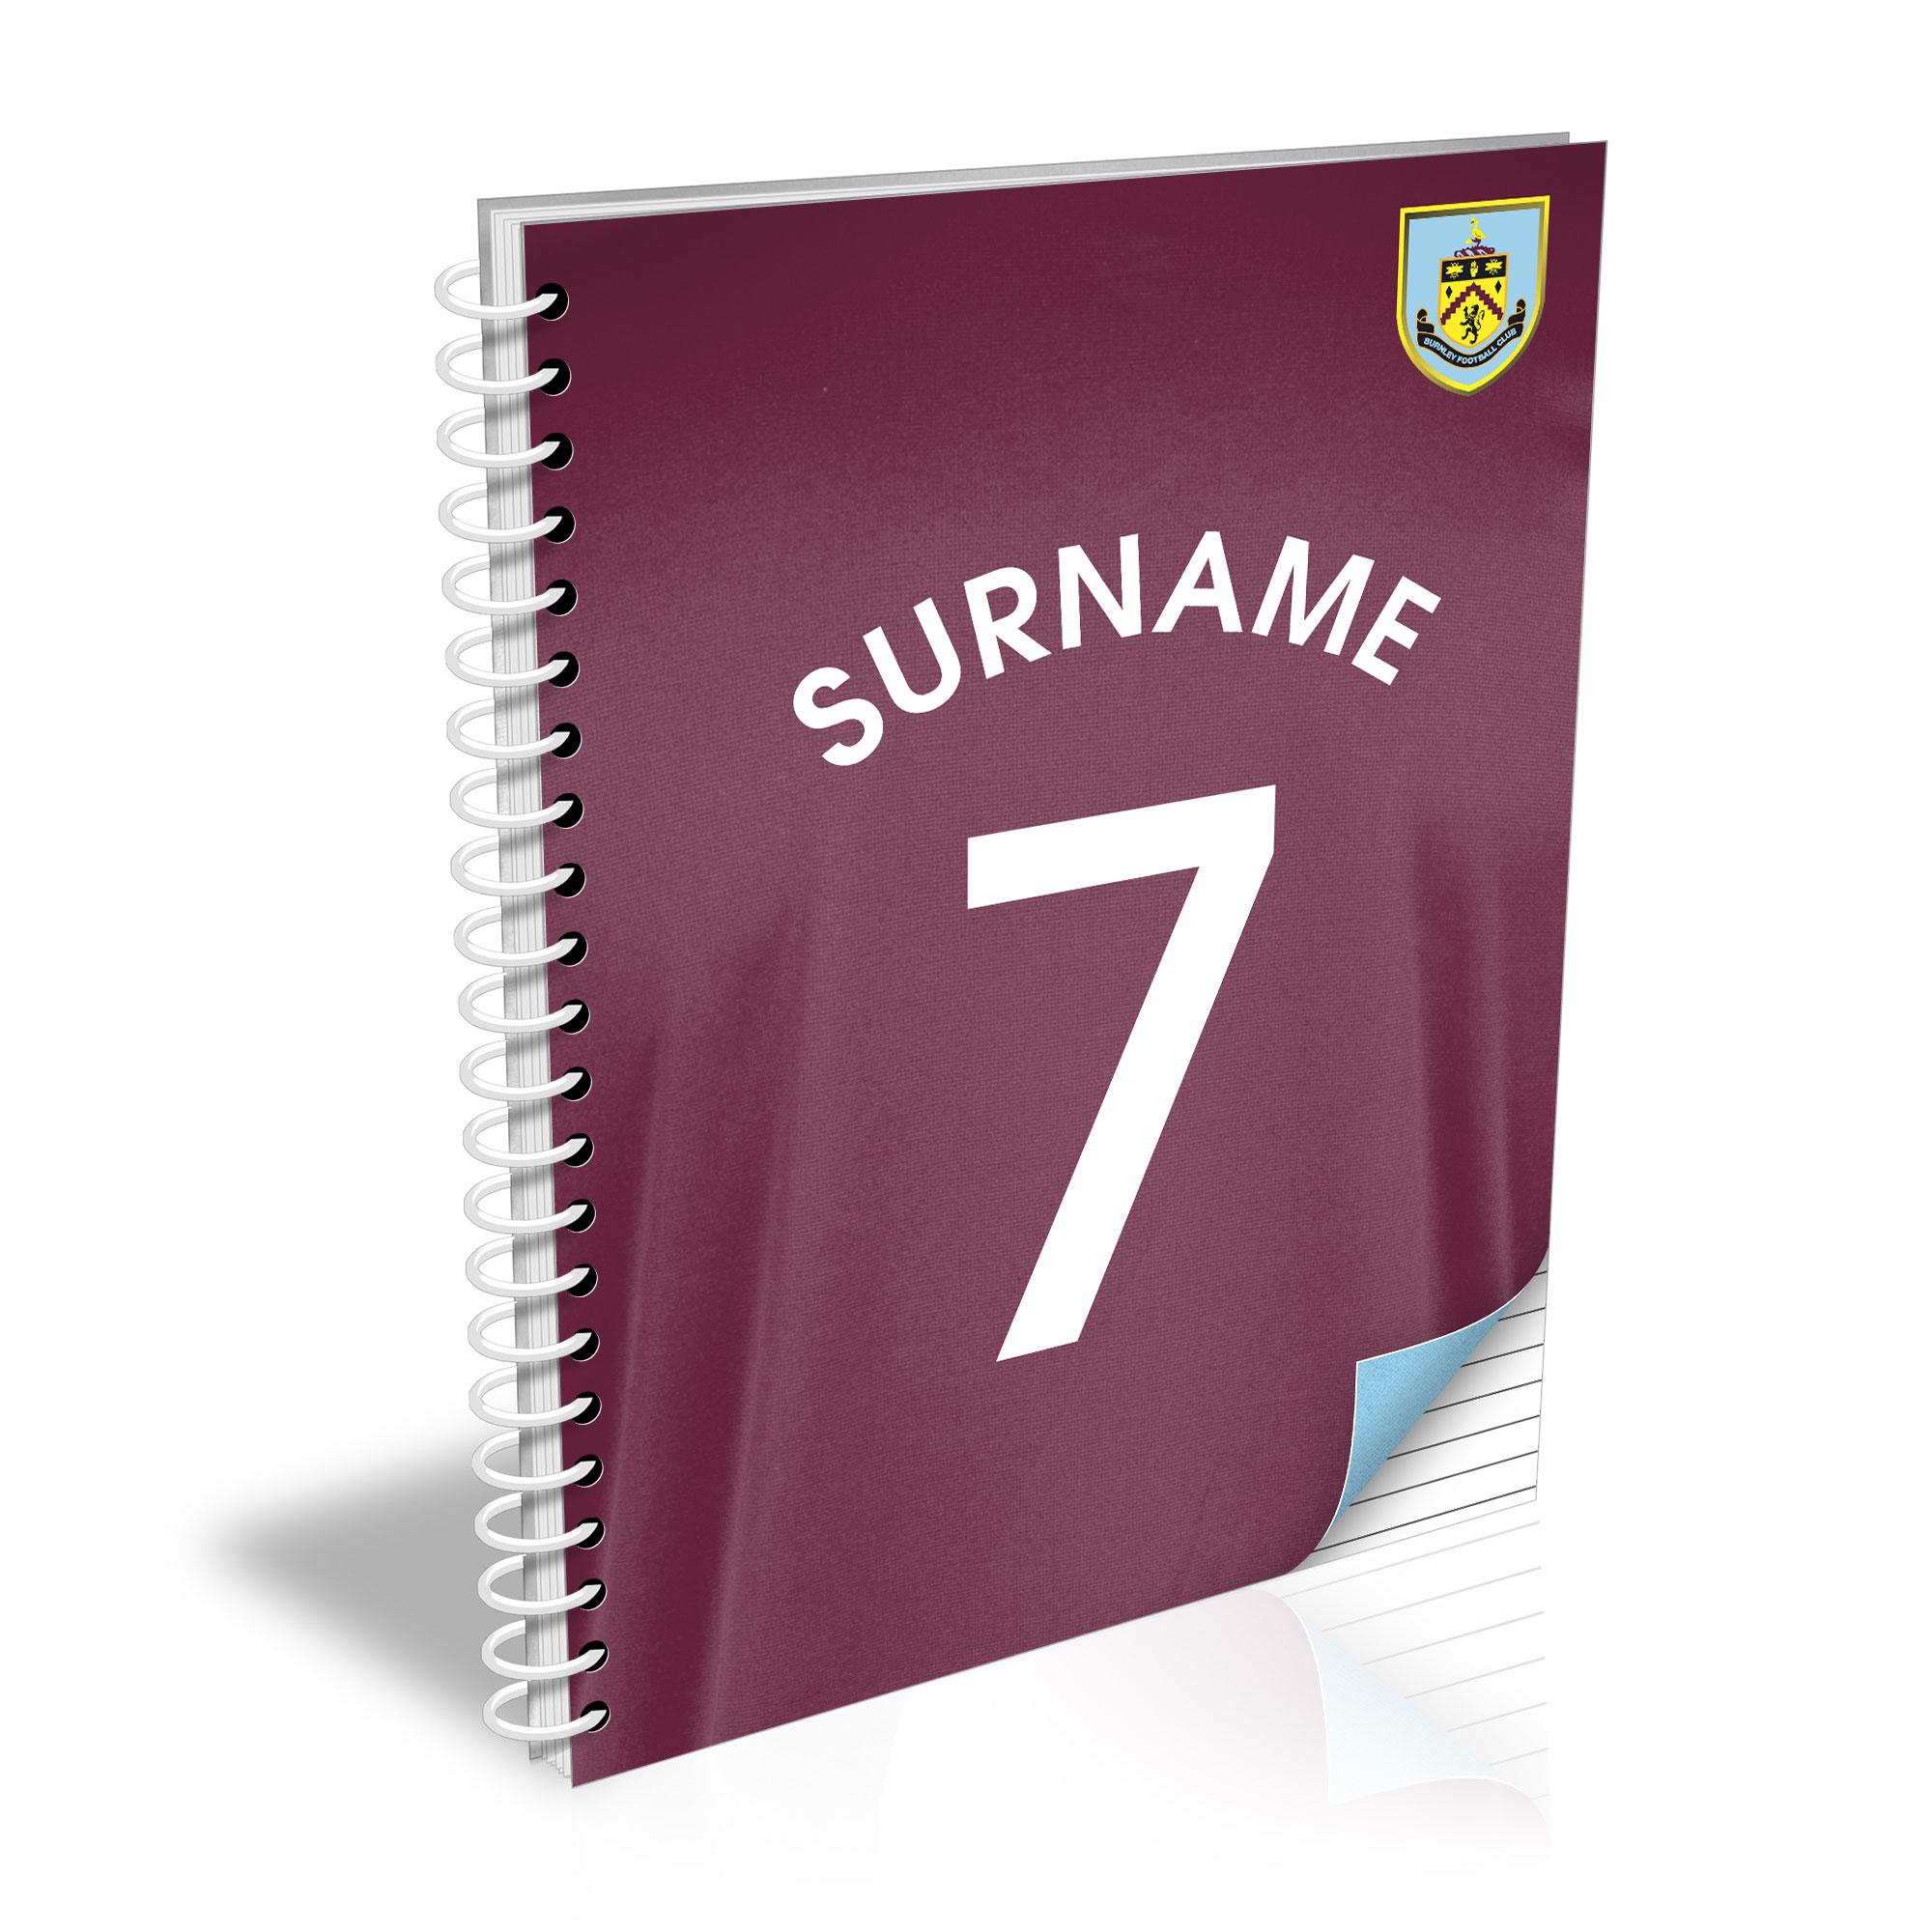 Burnley FC Shirt Notebook